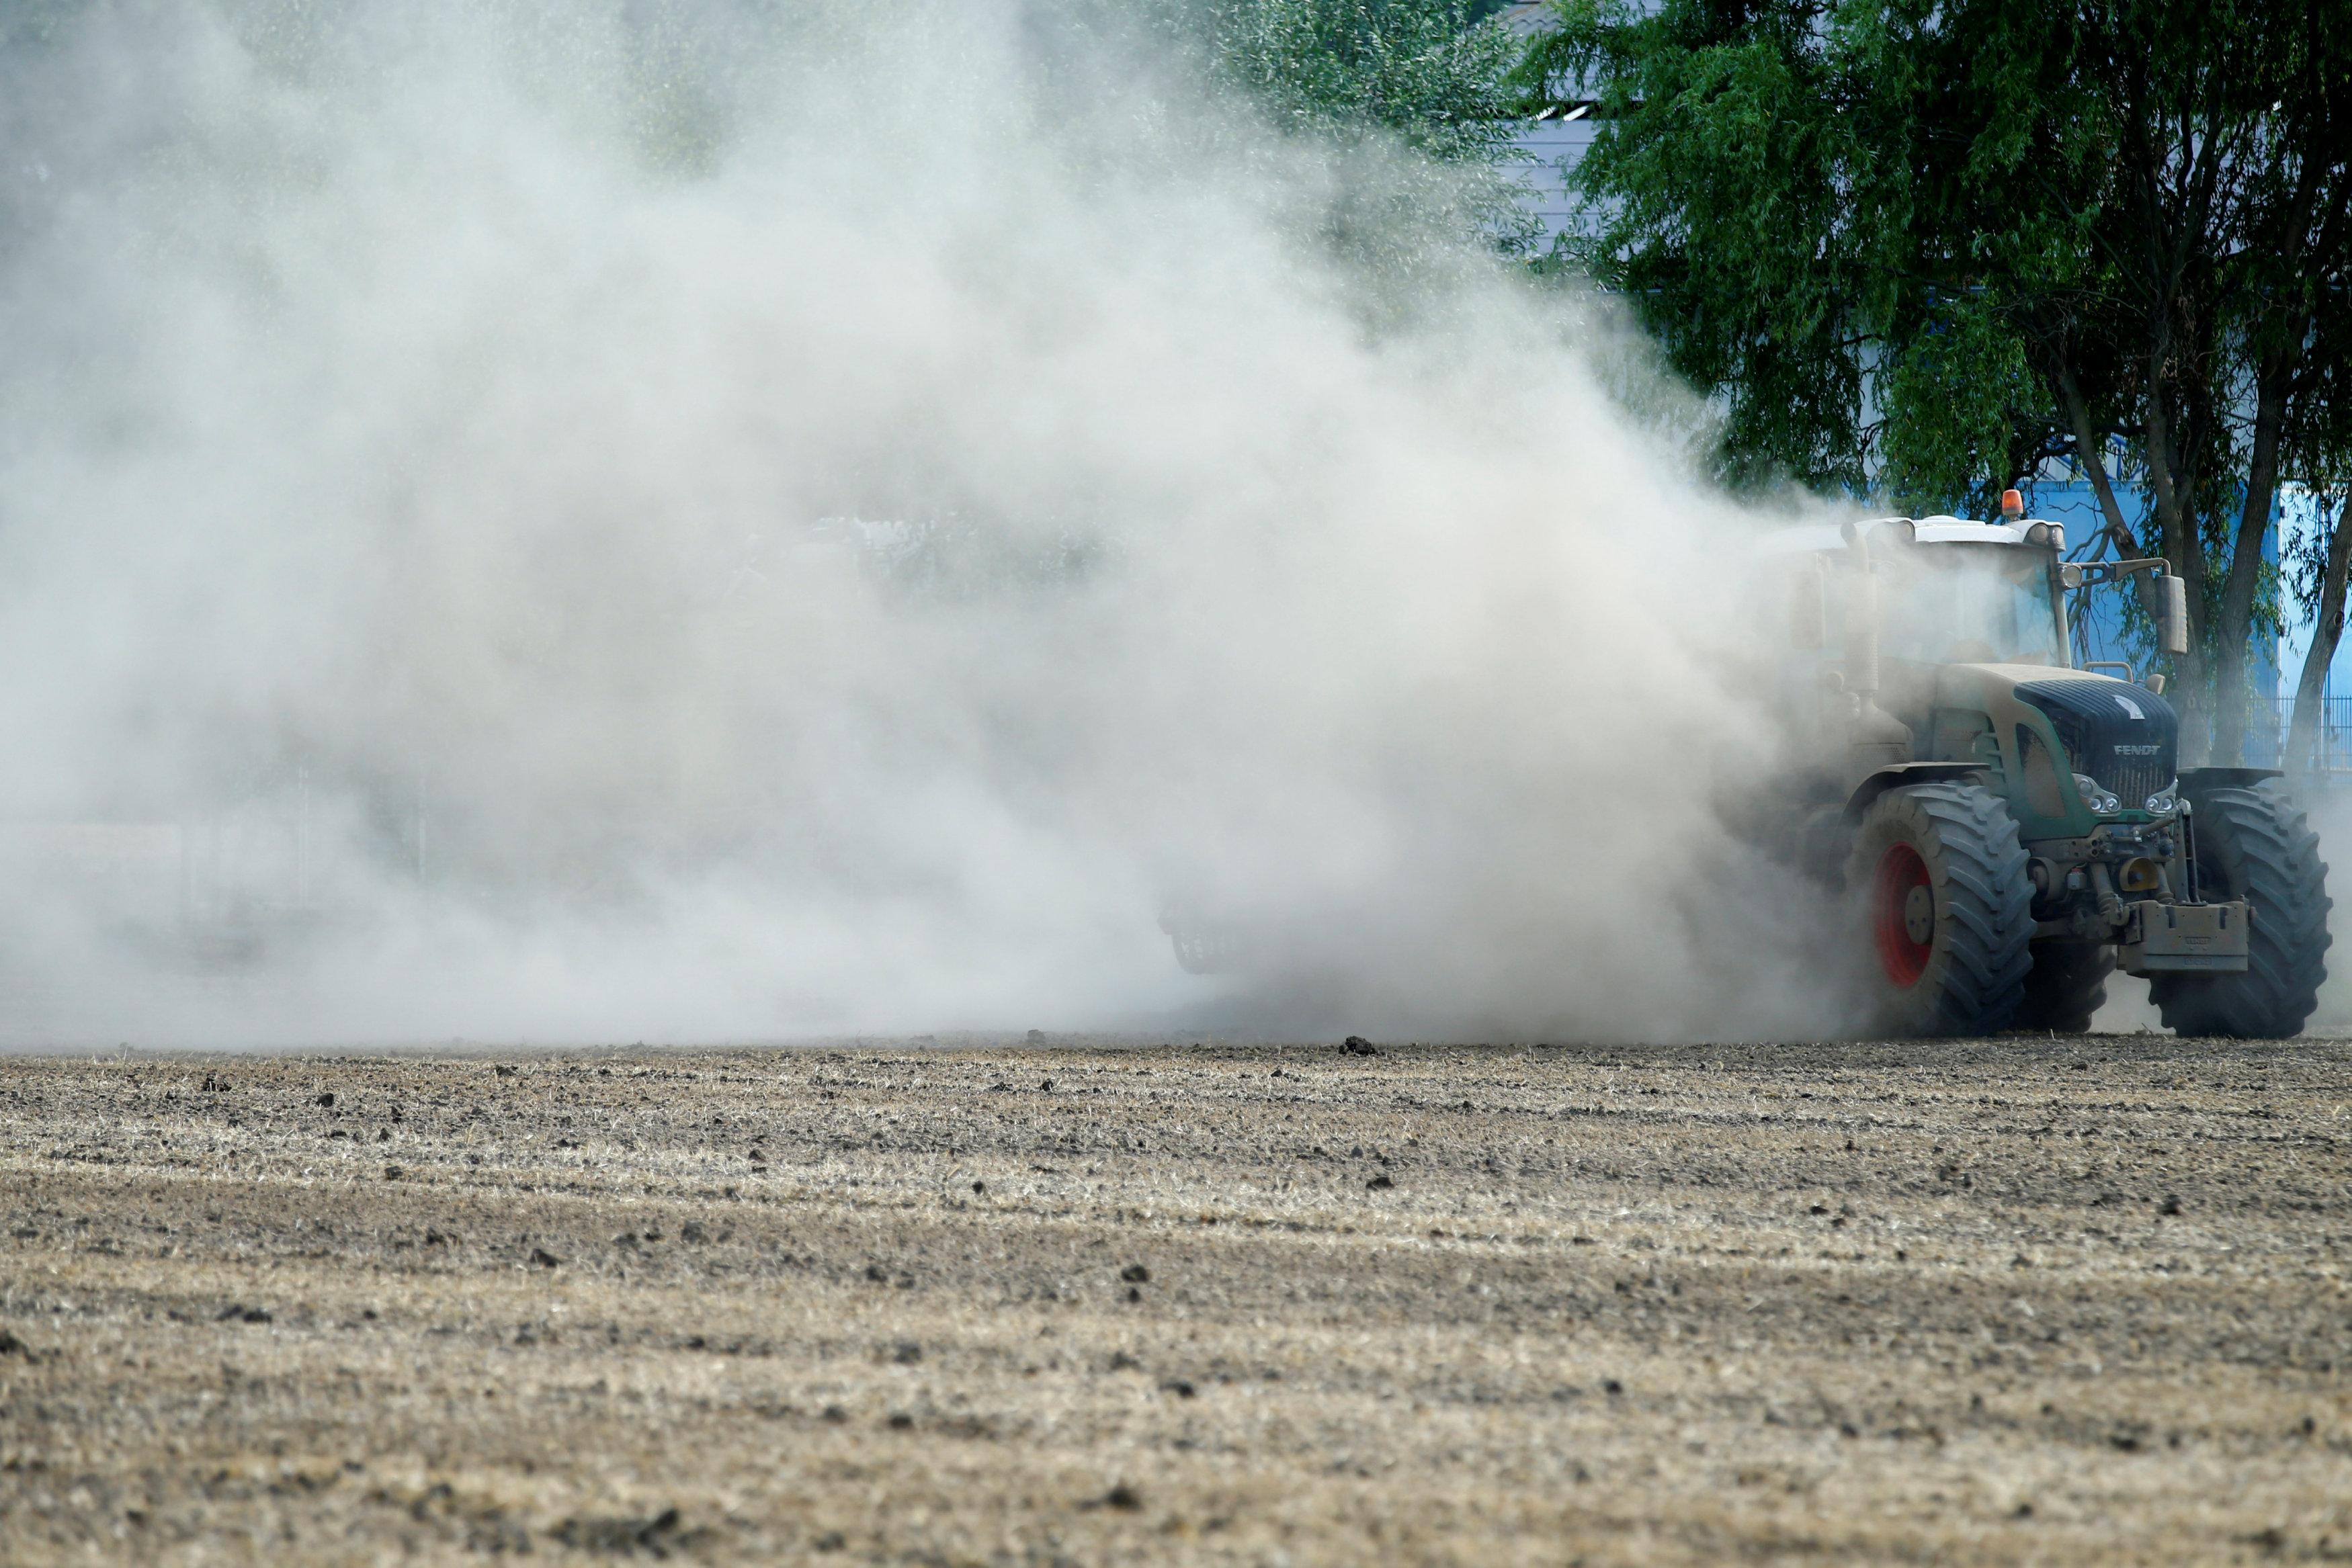 A farmer harrows a dried out field near Geinsheim